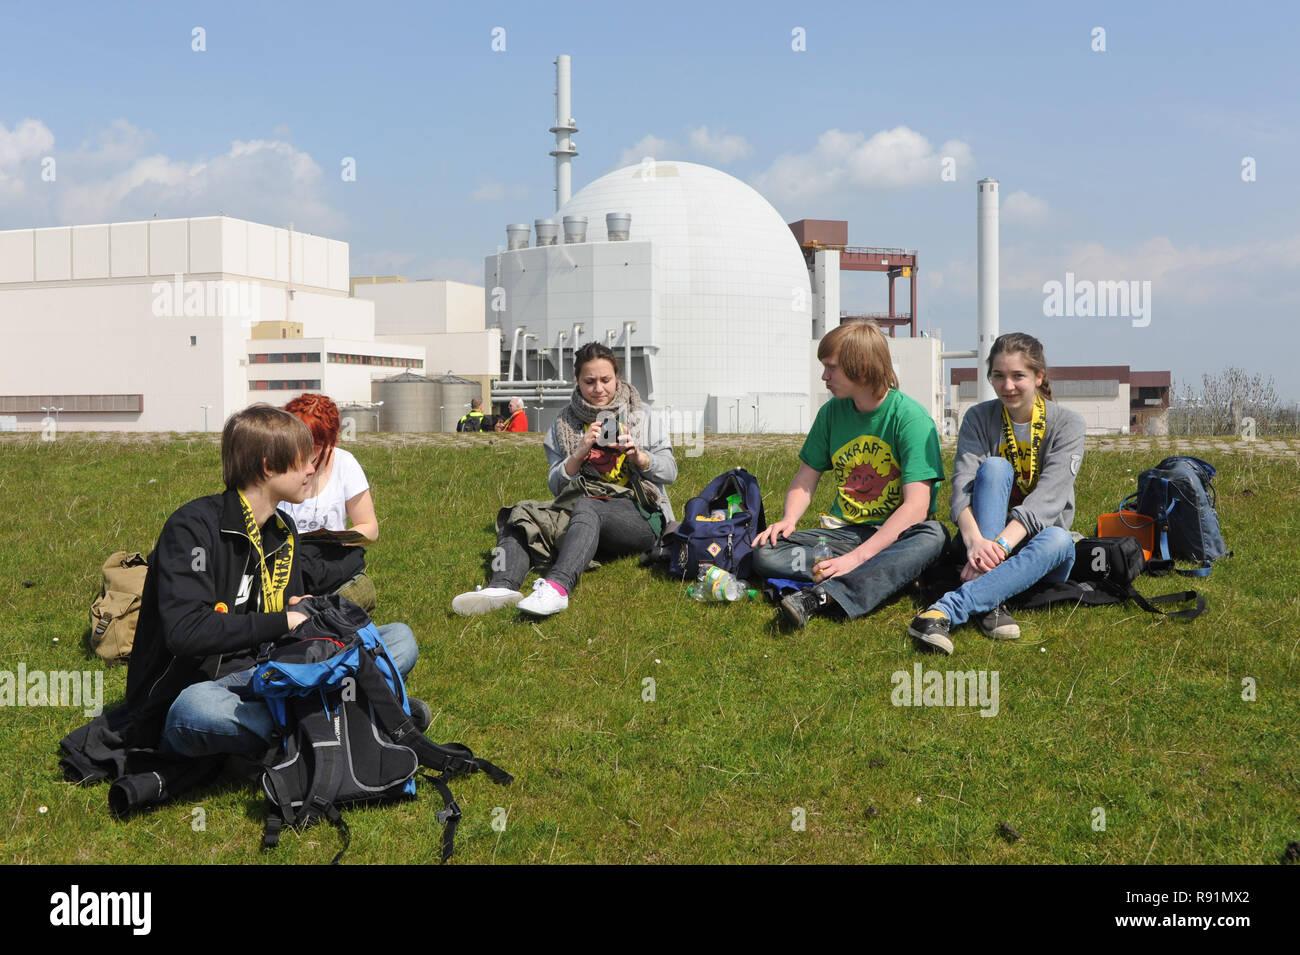 24.04.2010, Brokdorf, Schleswig-Holstein, Germany - Die Aktion -KettenREaktion- bildet eine Menschenkette vom KKW Brunsbuettel bis Kruemmel. Hier Akti - Stock Image